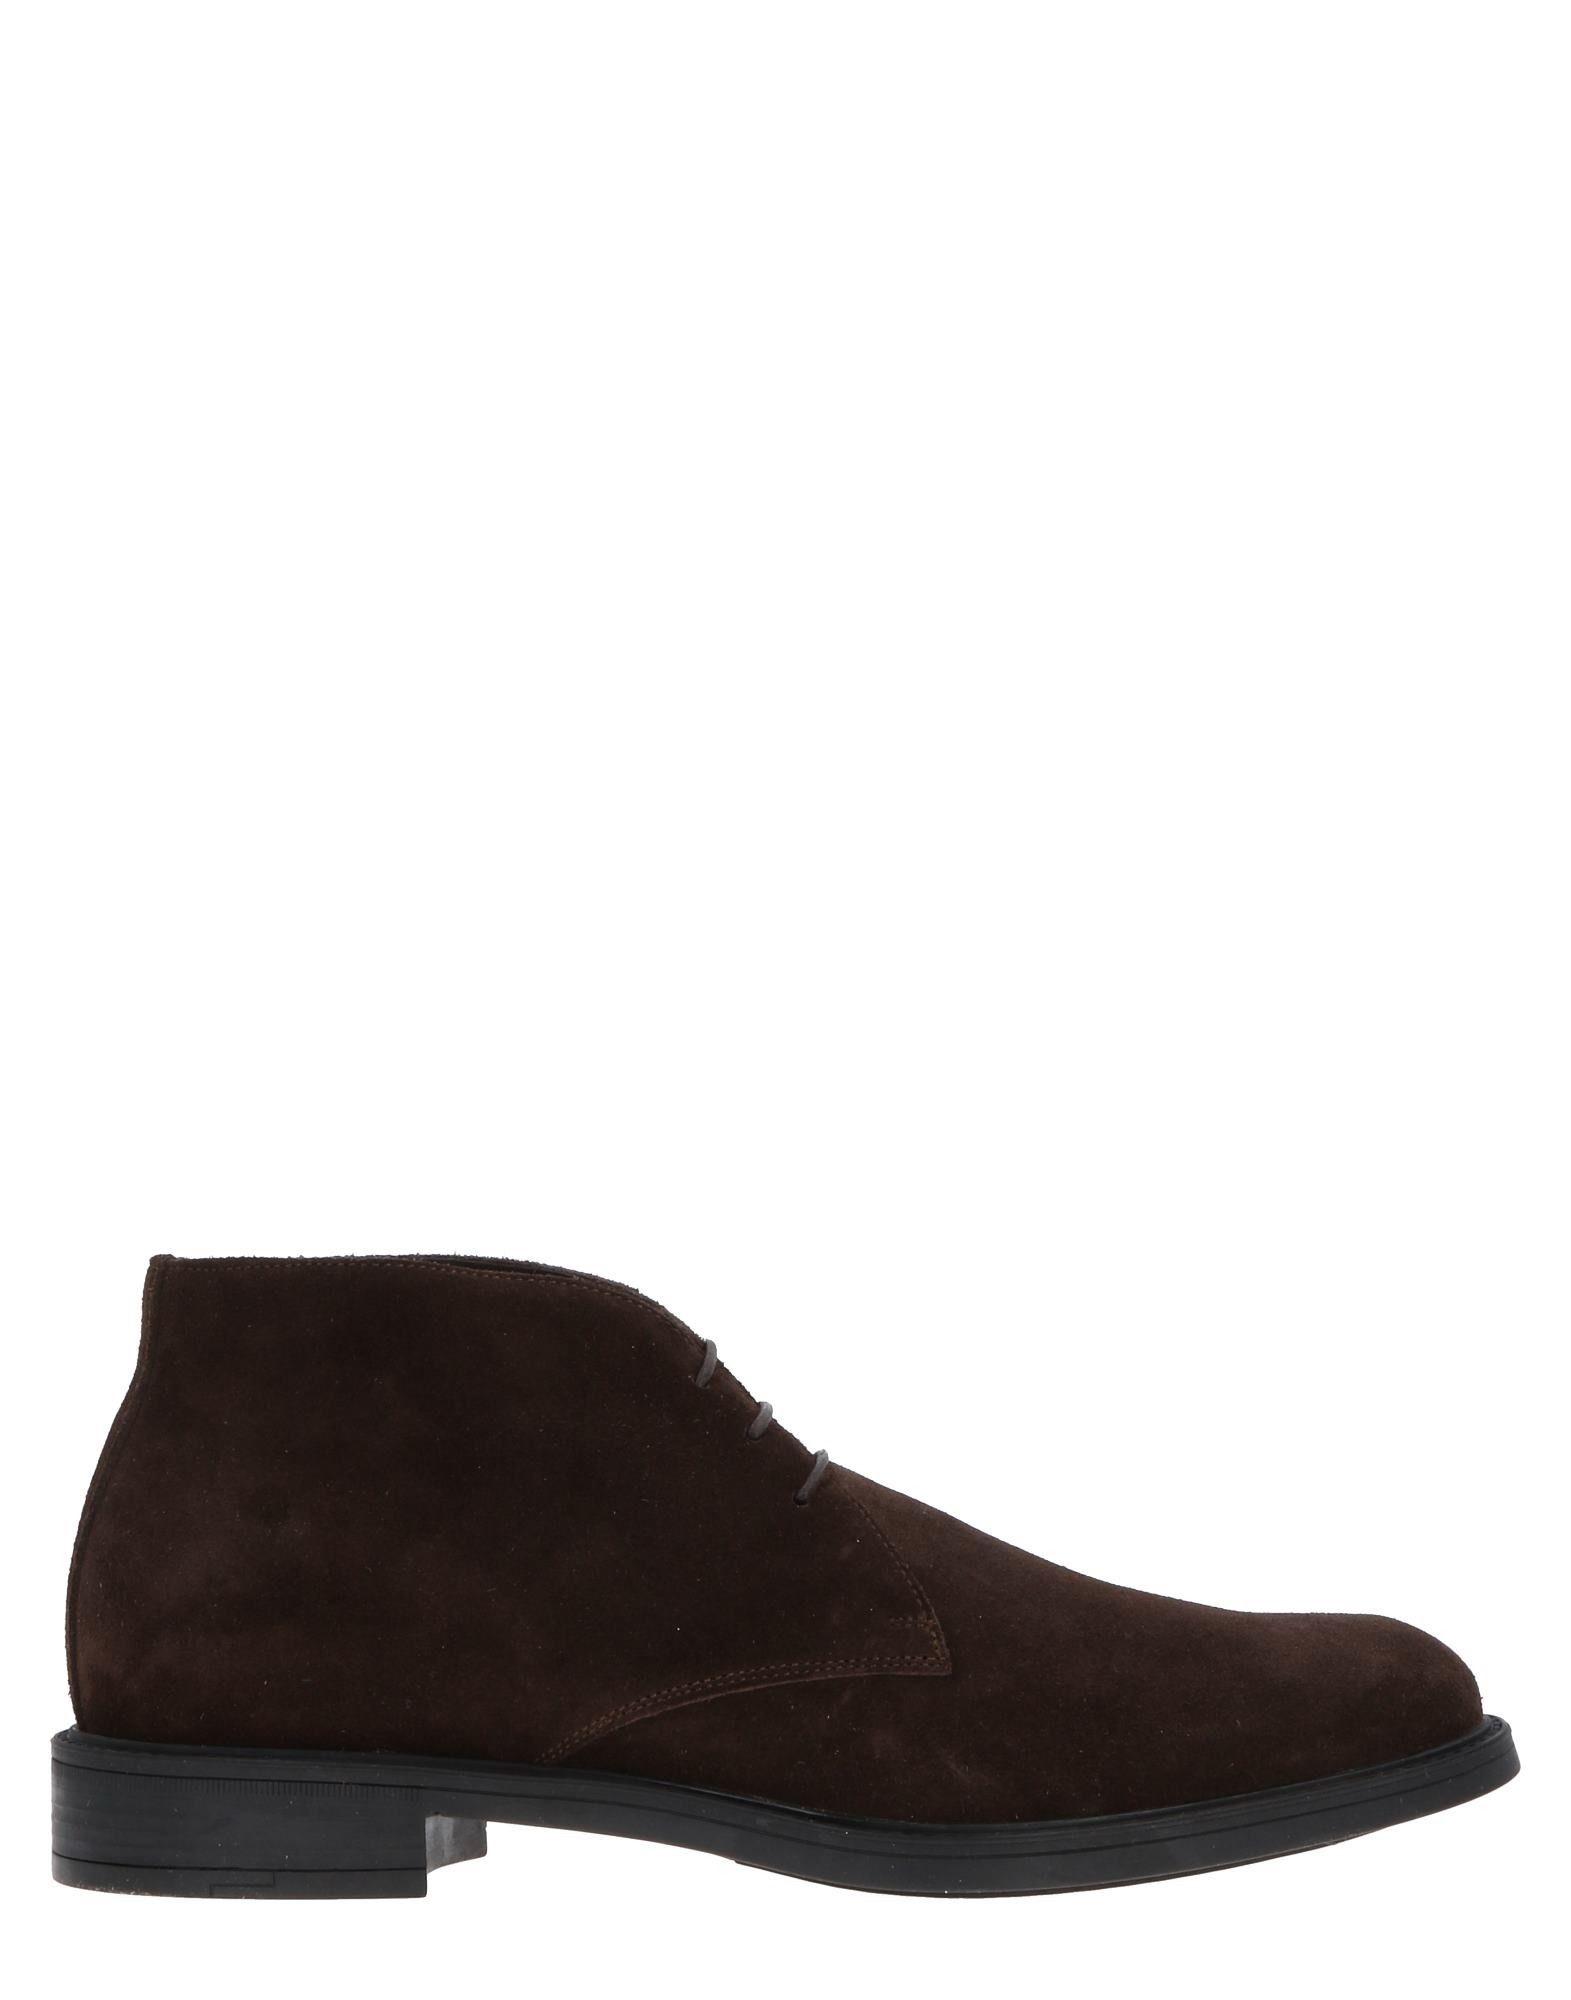 Settantatre Lr Stiefelette Herren  11516130LN Gute Qualität beliebte Schuhe